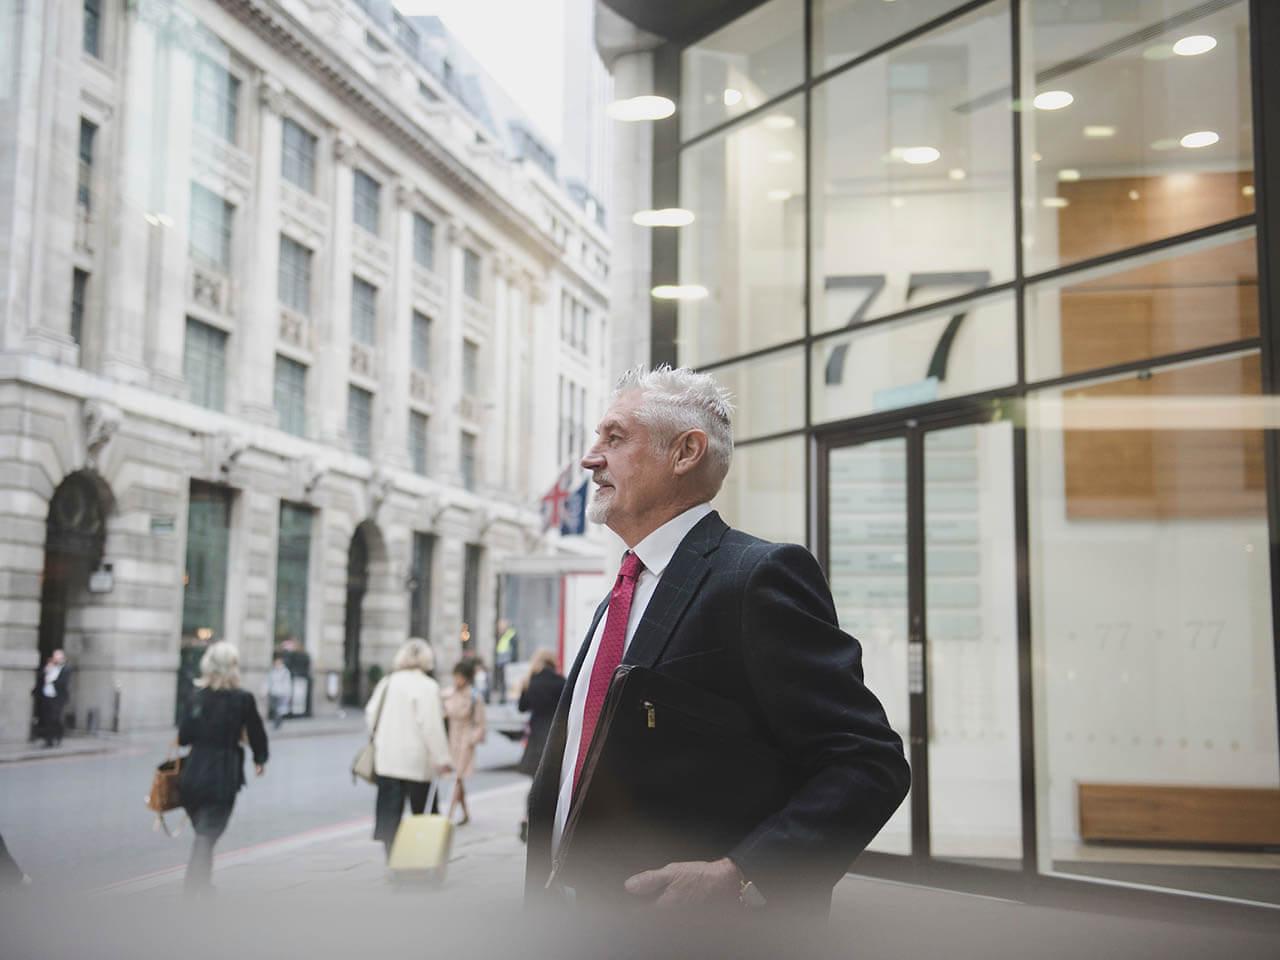 Man outside office